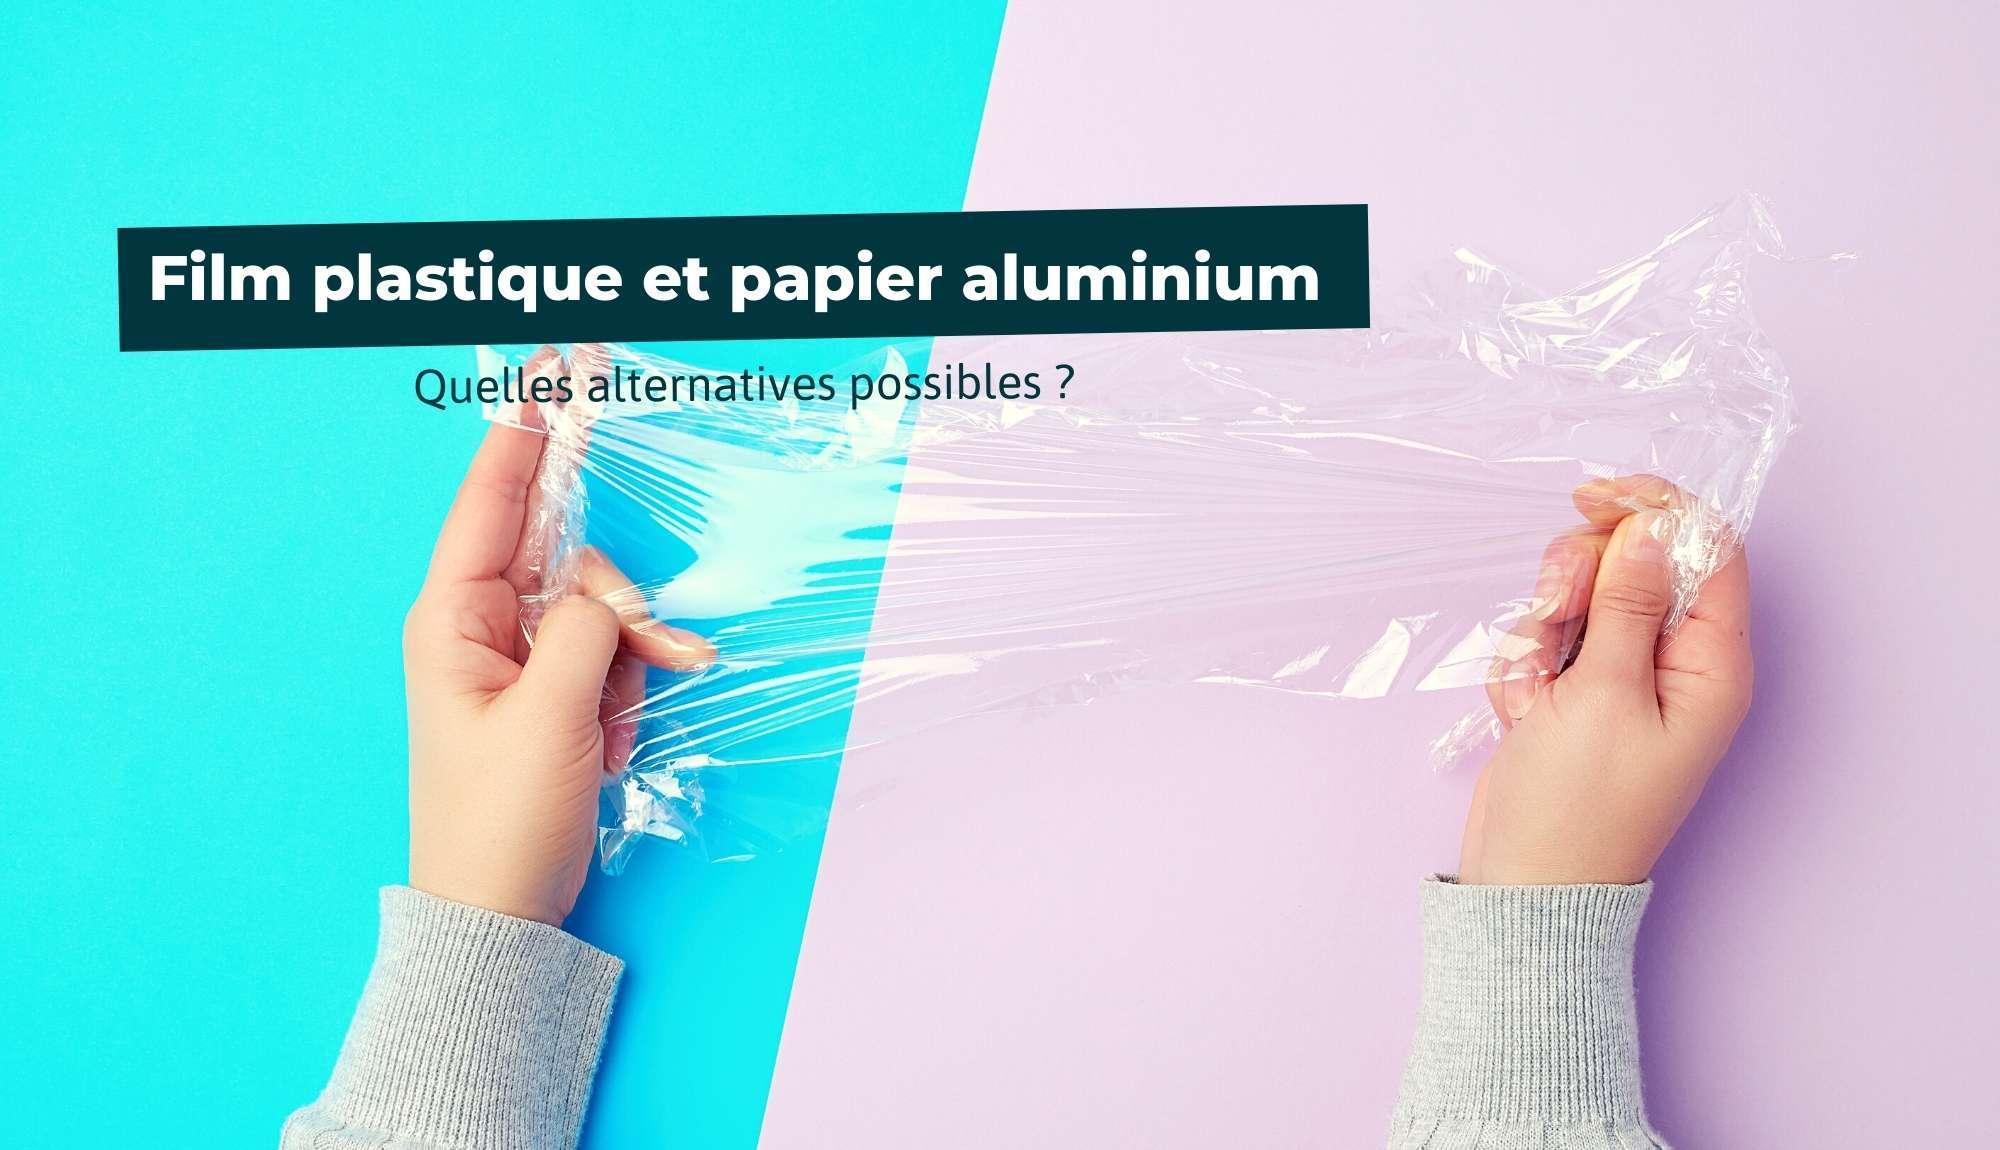 Quelles sont les alternatives au film plastique et au papier aluminium ?